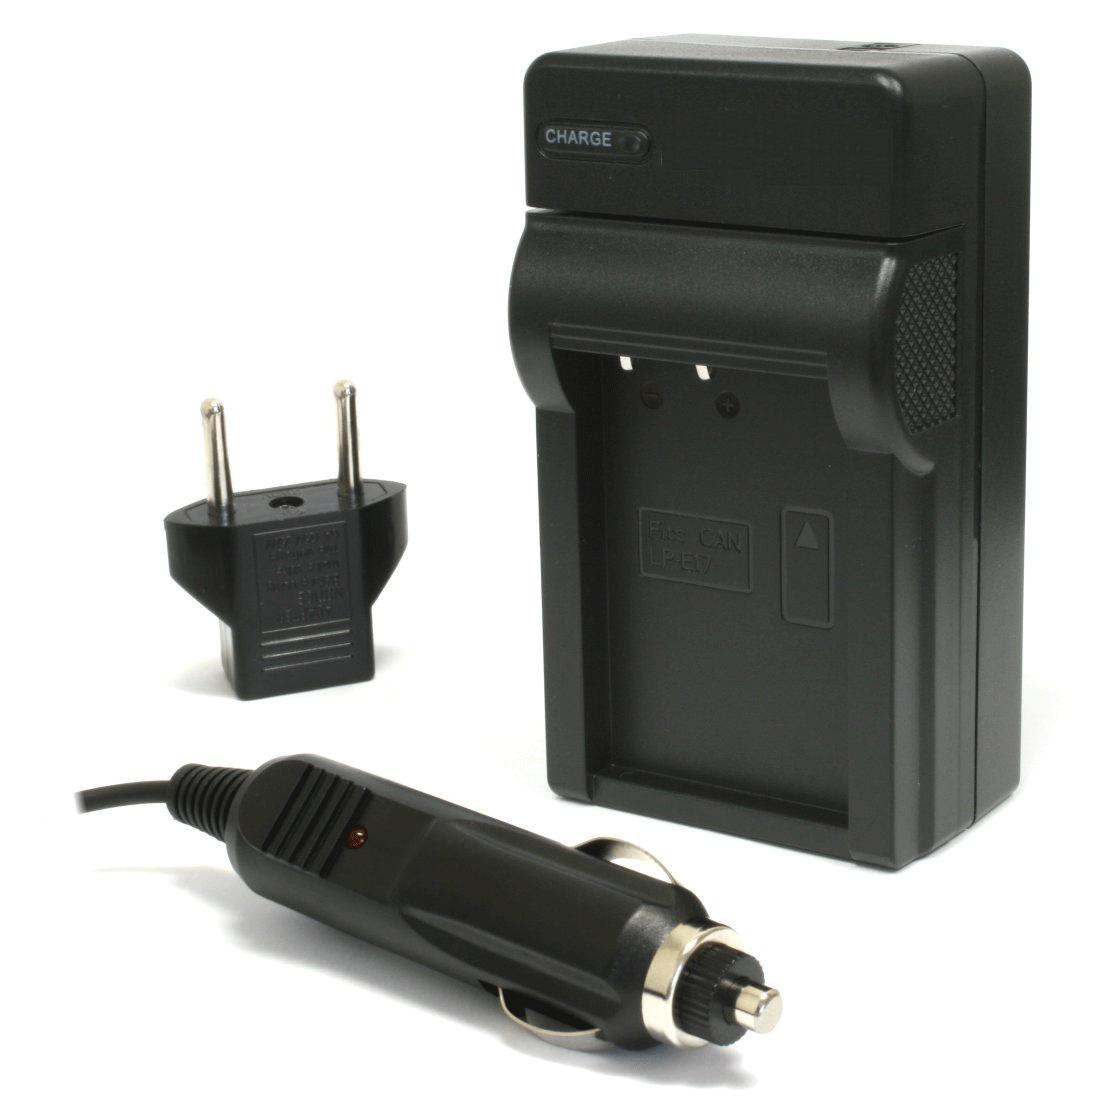 Carregador de Bateria LP-e17 para Canon EOS Rebel T6i and T6s DSLRs